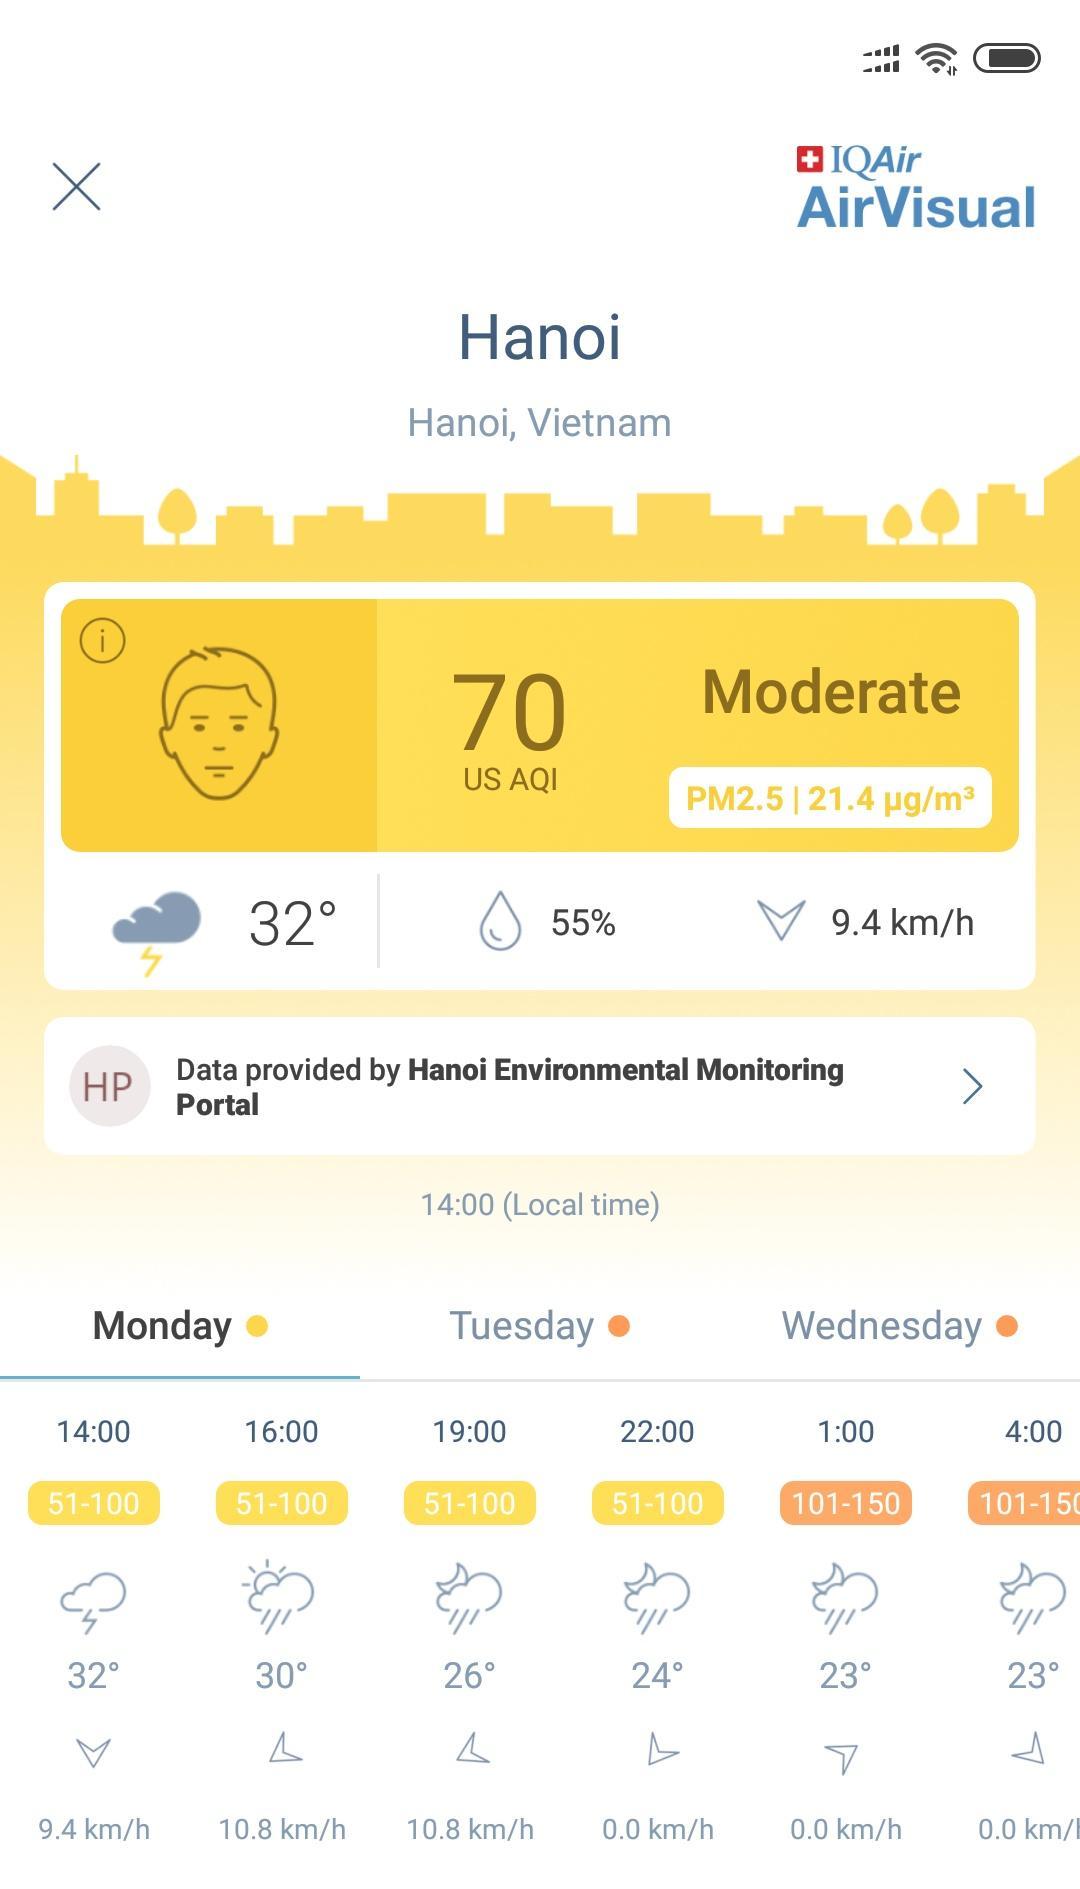 AirVisual app status in Vietnam